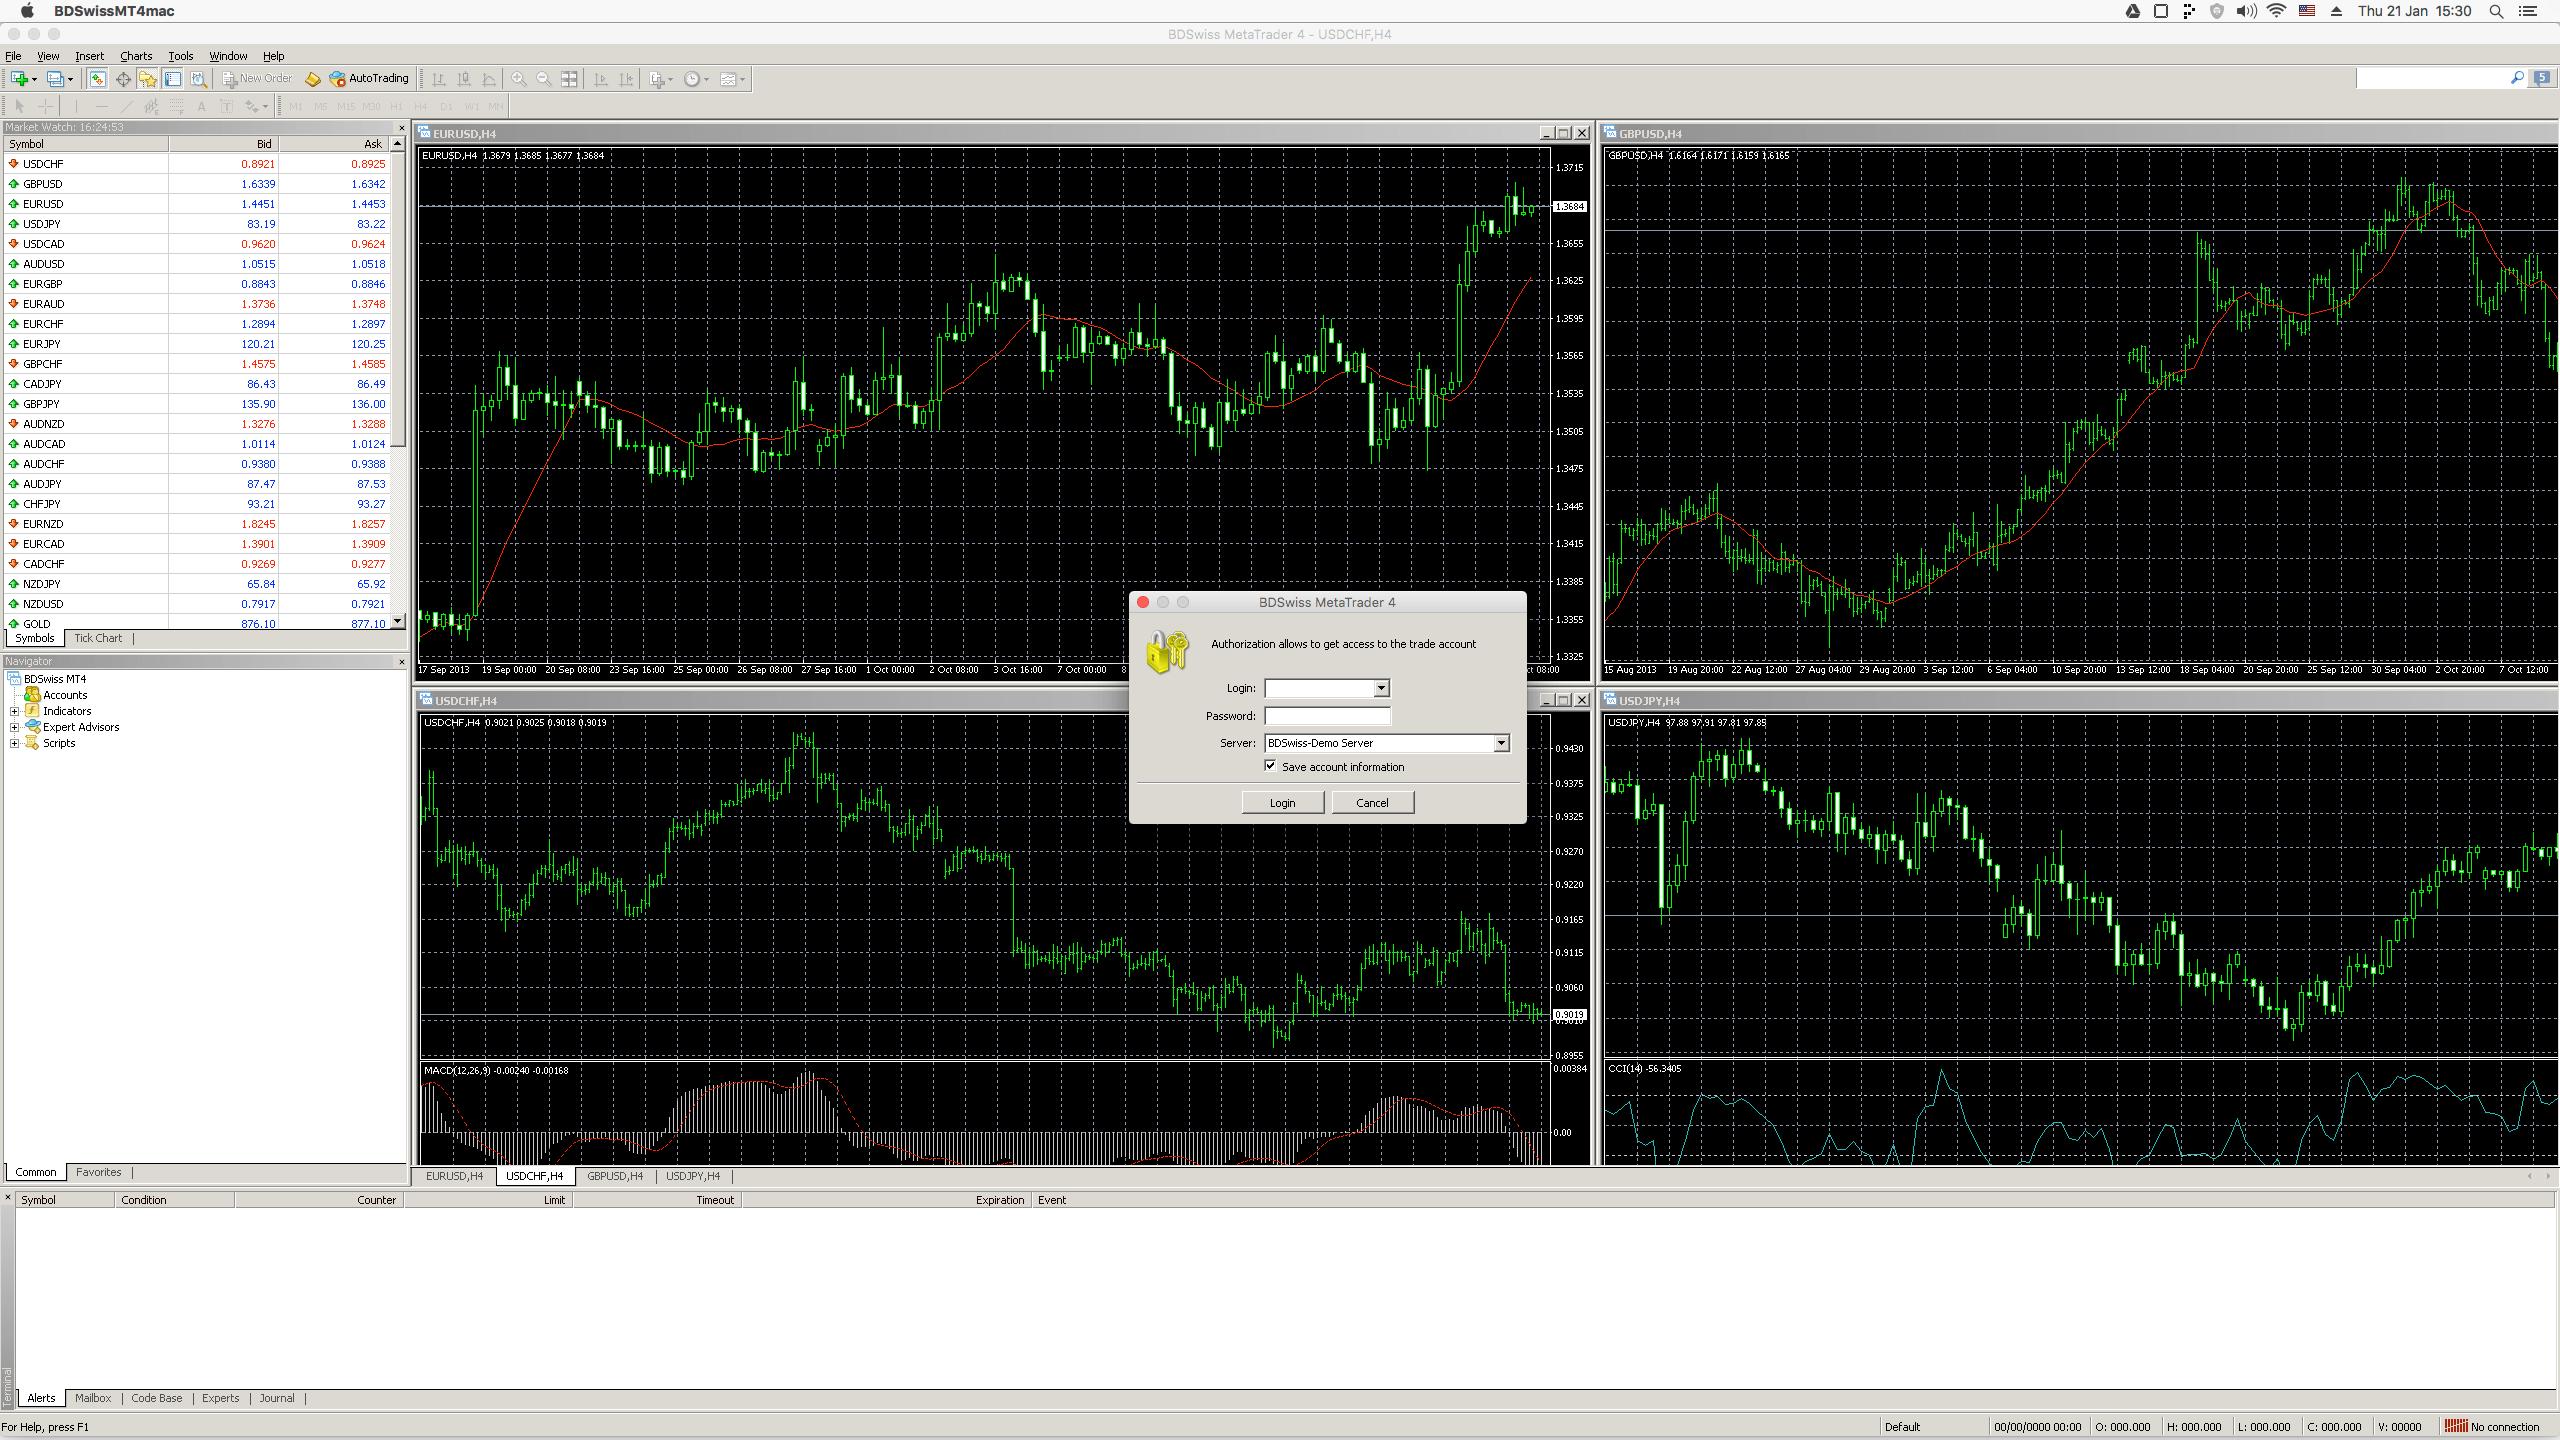 BDSwissForexMT4_file06